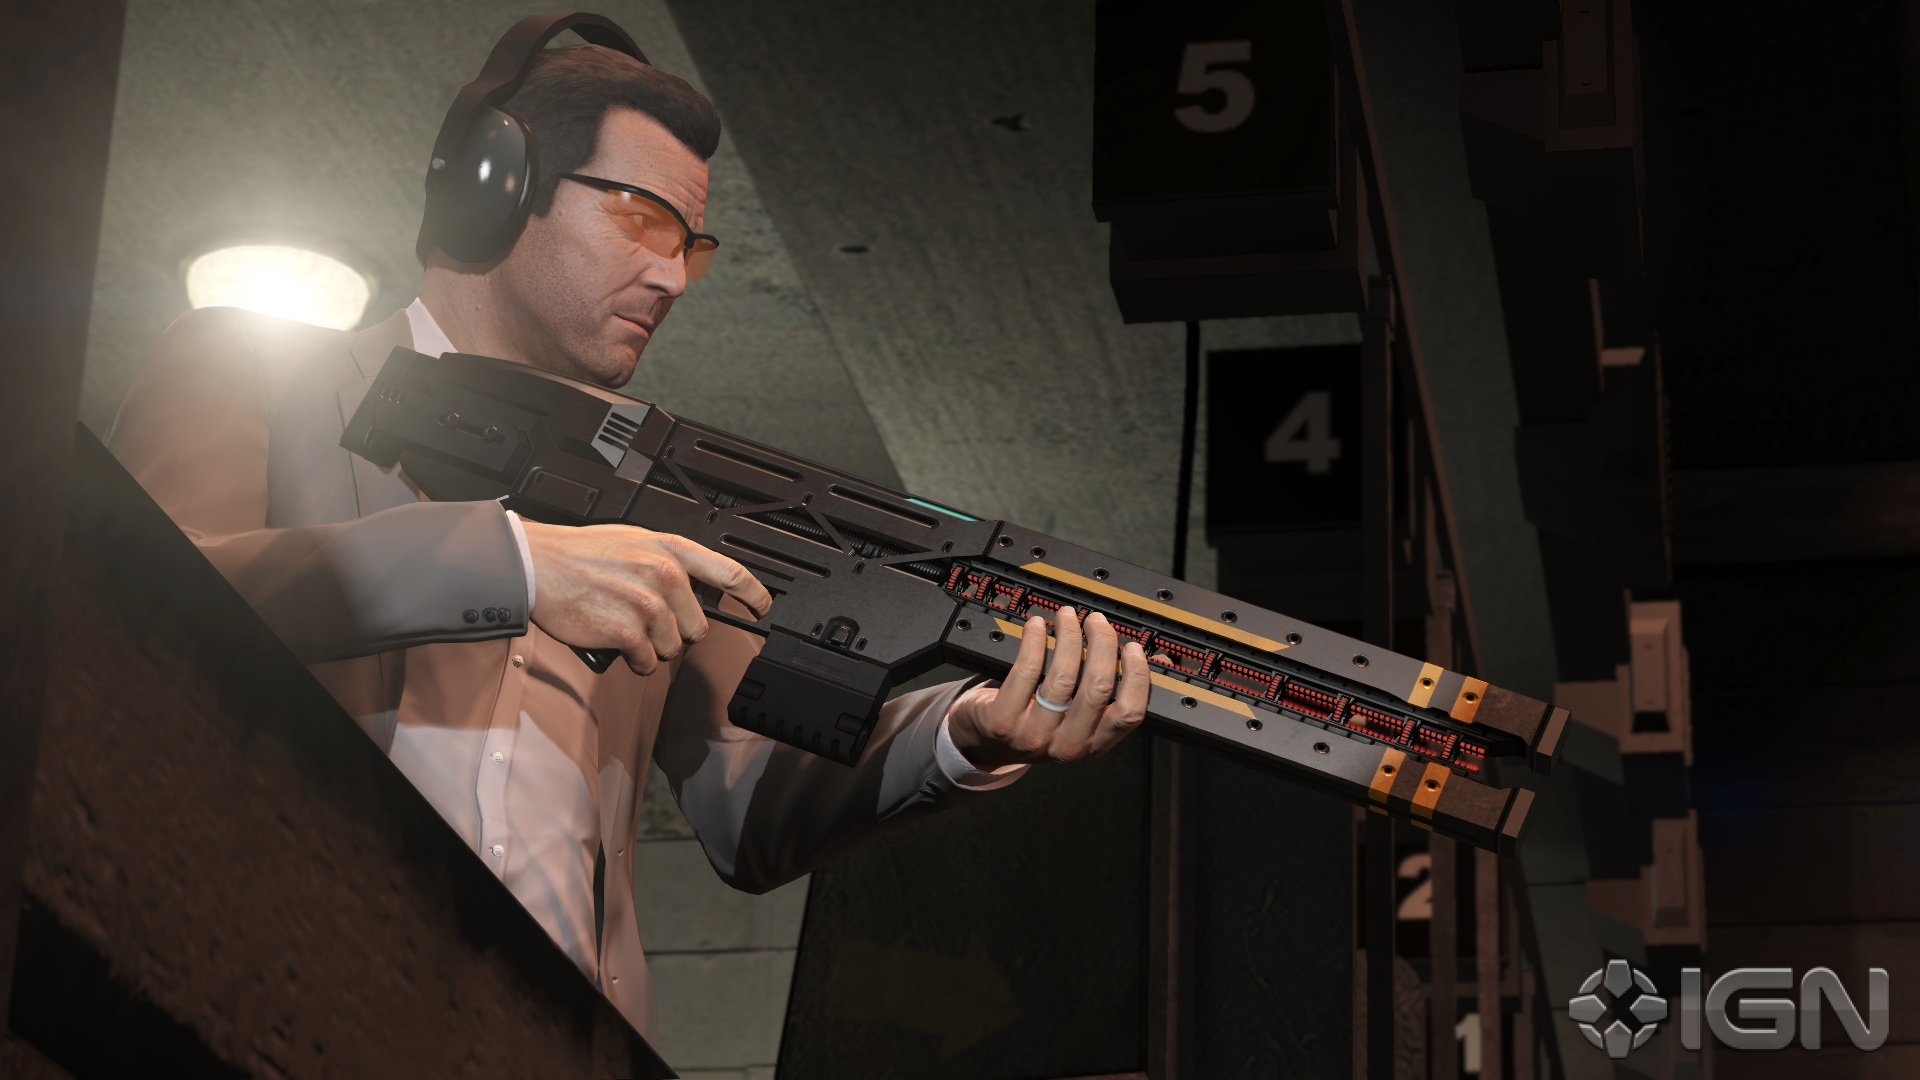 Dalších 25 nových obrázků z Grand Theft Auto V 102033